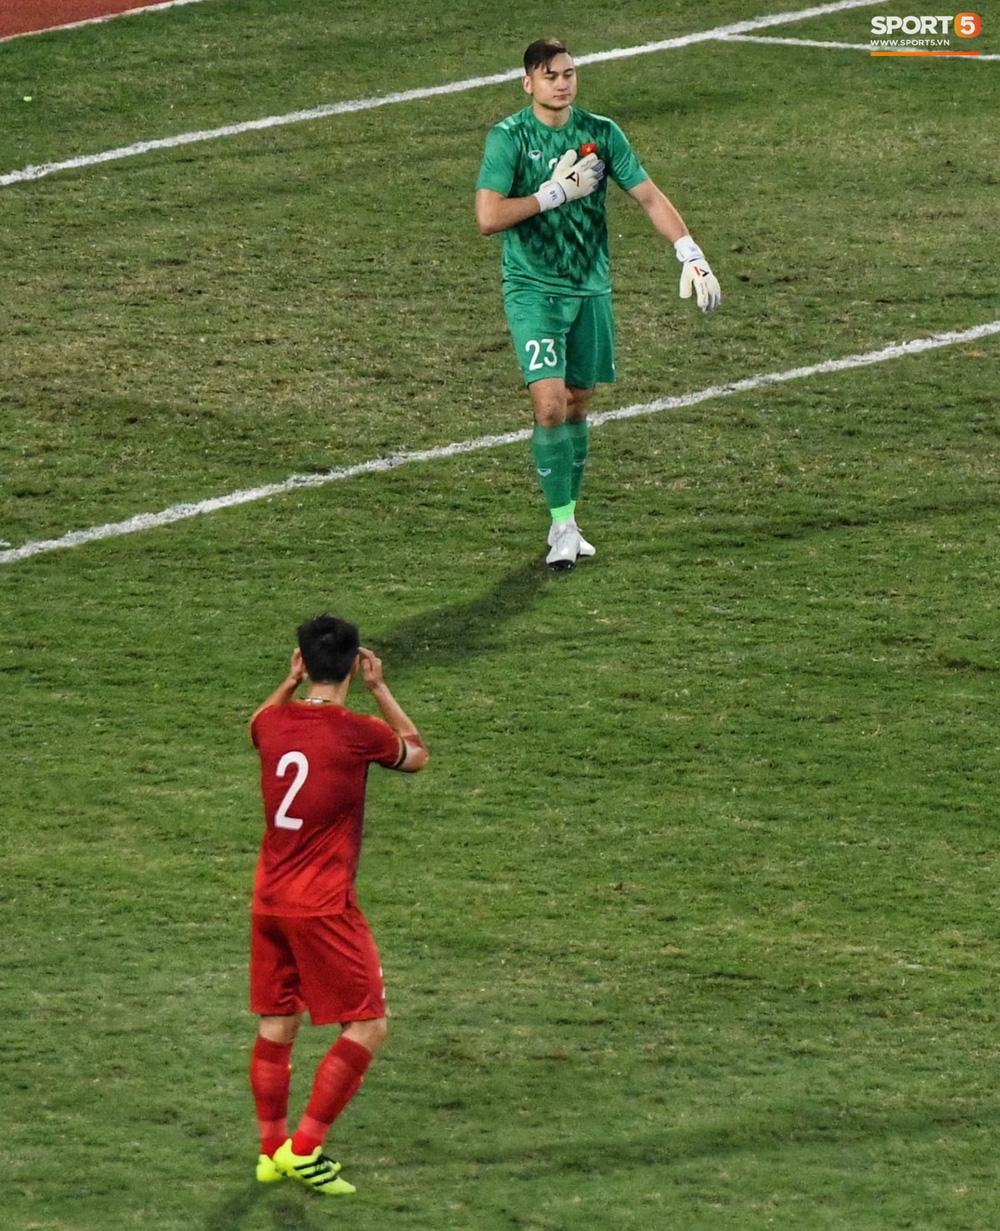 Ngôi sao của đêm nay: Đặng Văn Lâm xuất sắc cản phá quả penalty định mệnh, xốc lại tinh thần đồng đội